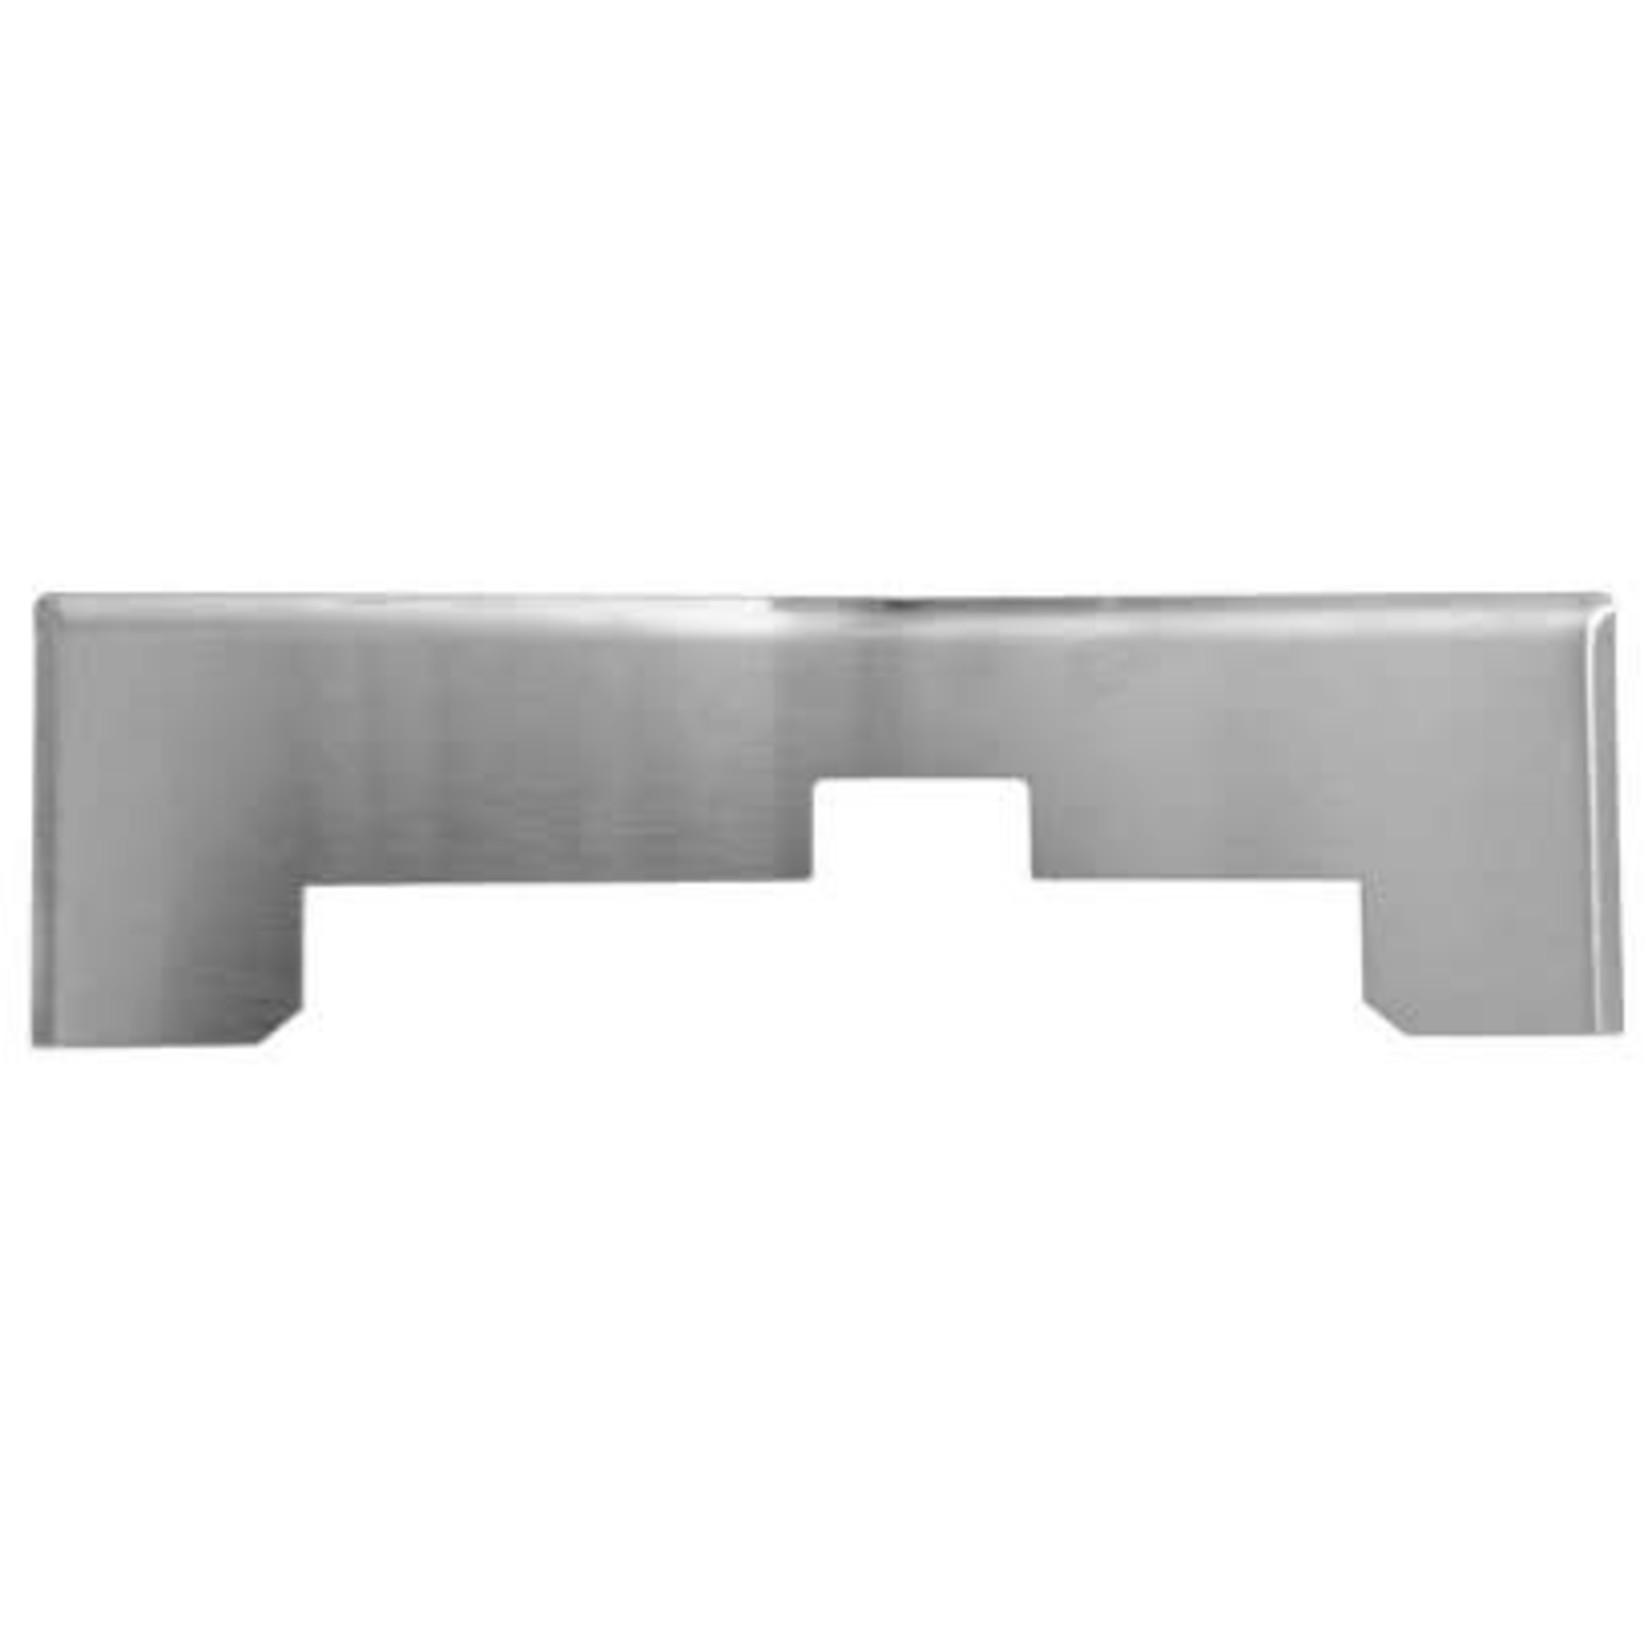 Plastiflex Central Vacuum VacPan Trim Plate - Stainless Steel